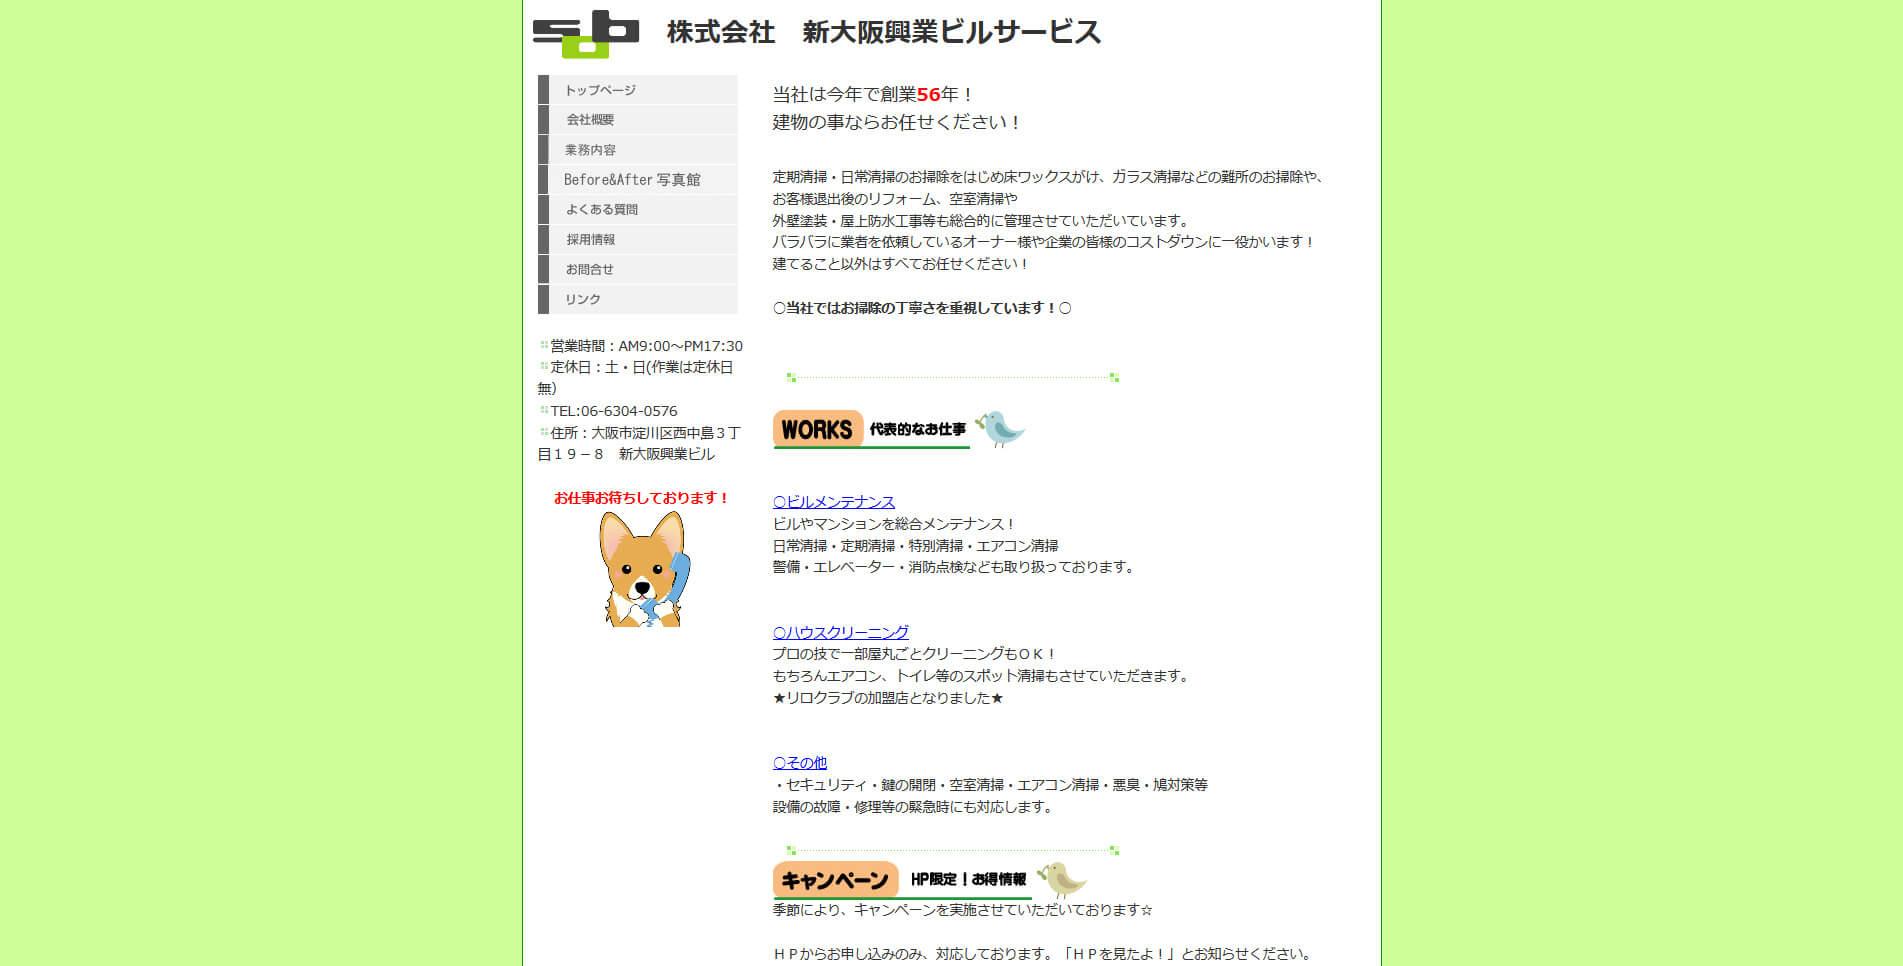 株式会社新大阪興業ビルサービス